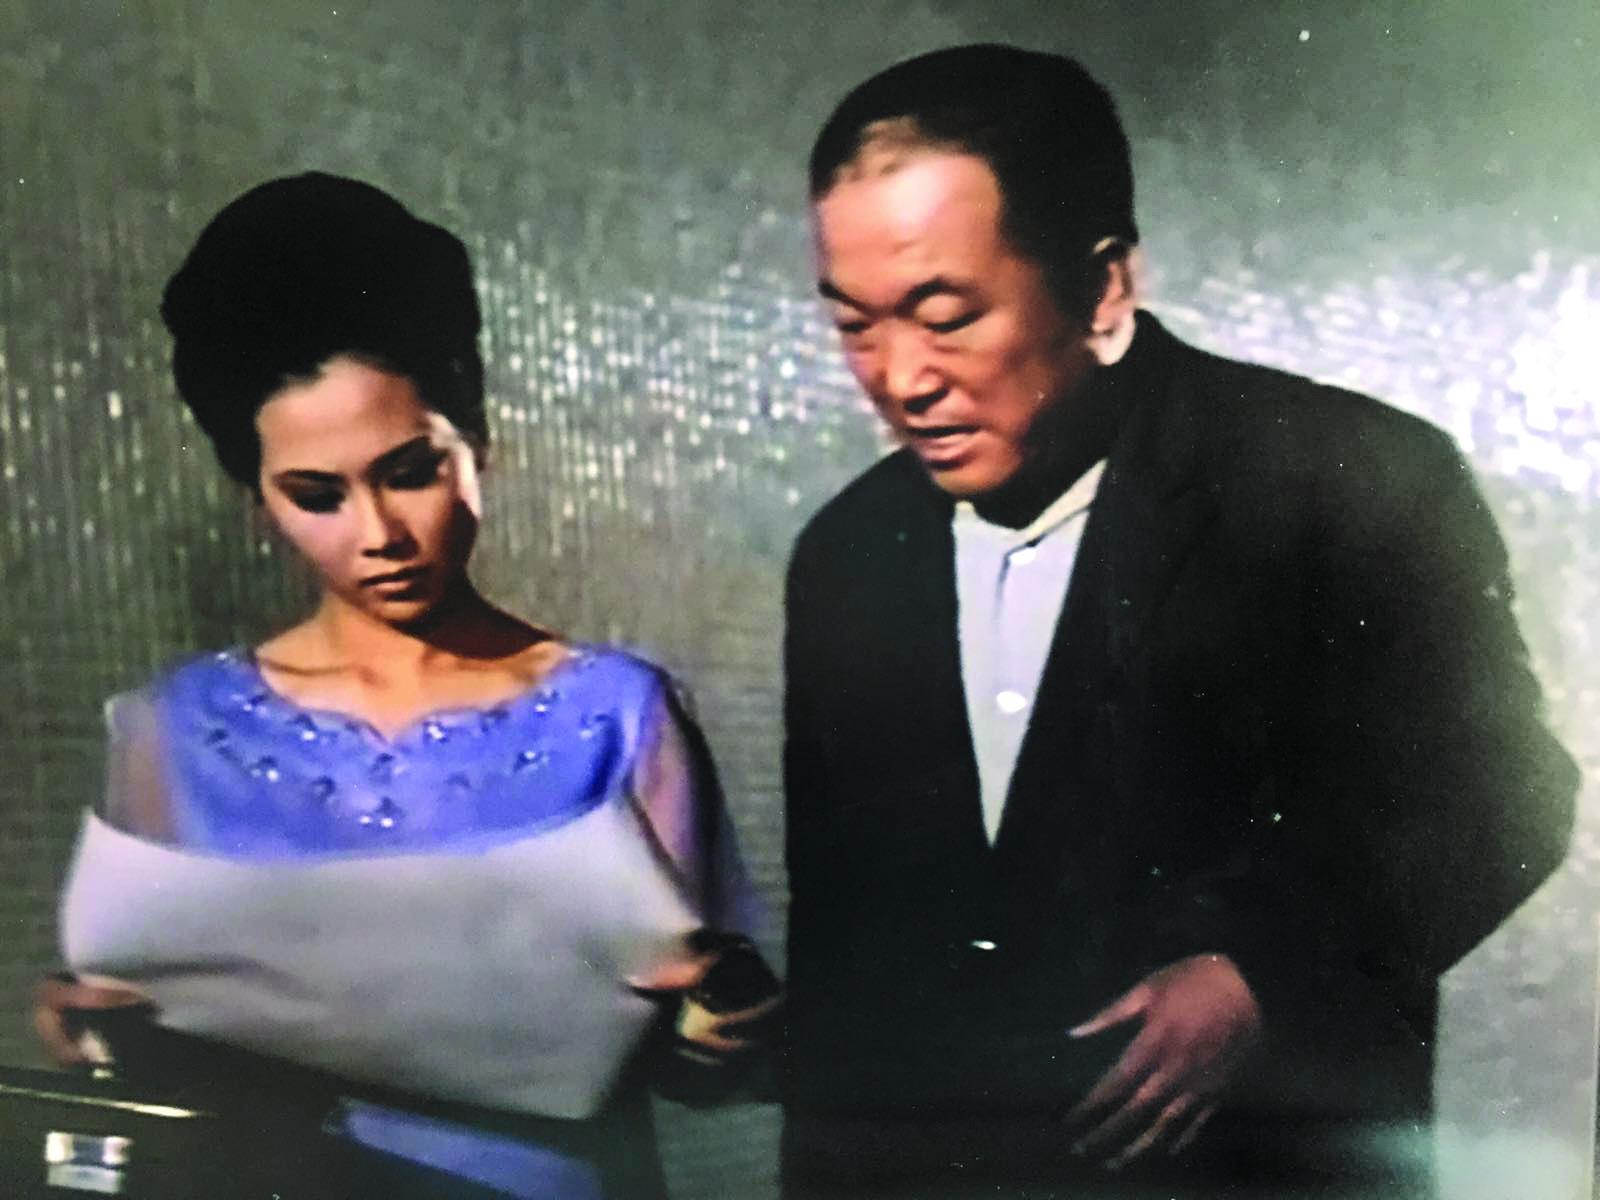 左艷蓉出於窮困,下嫁年齡可以當她父親的崔福生。